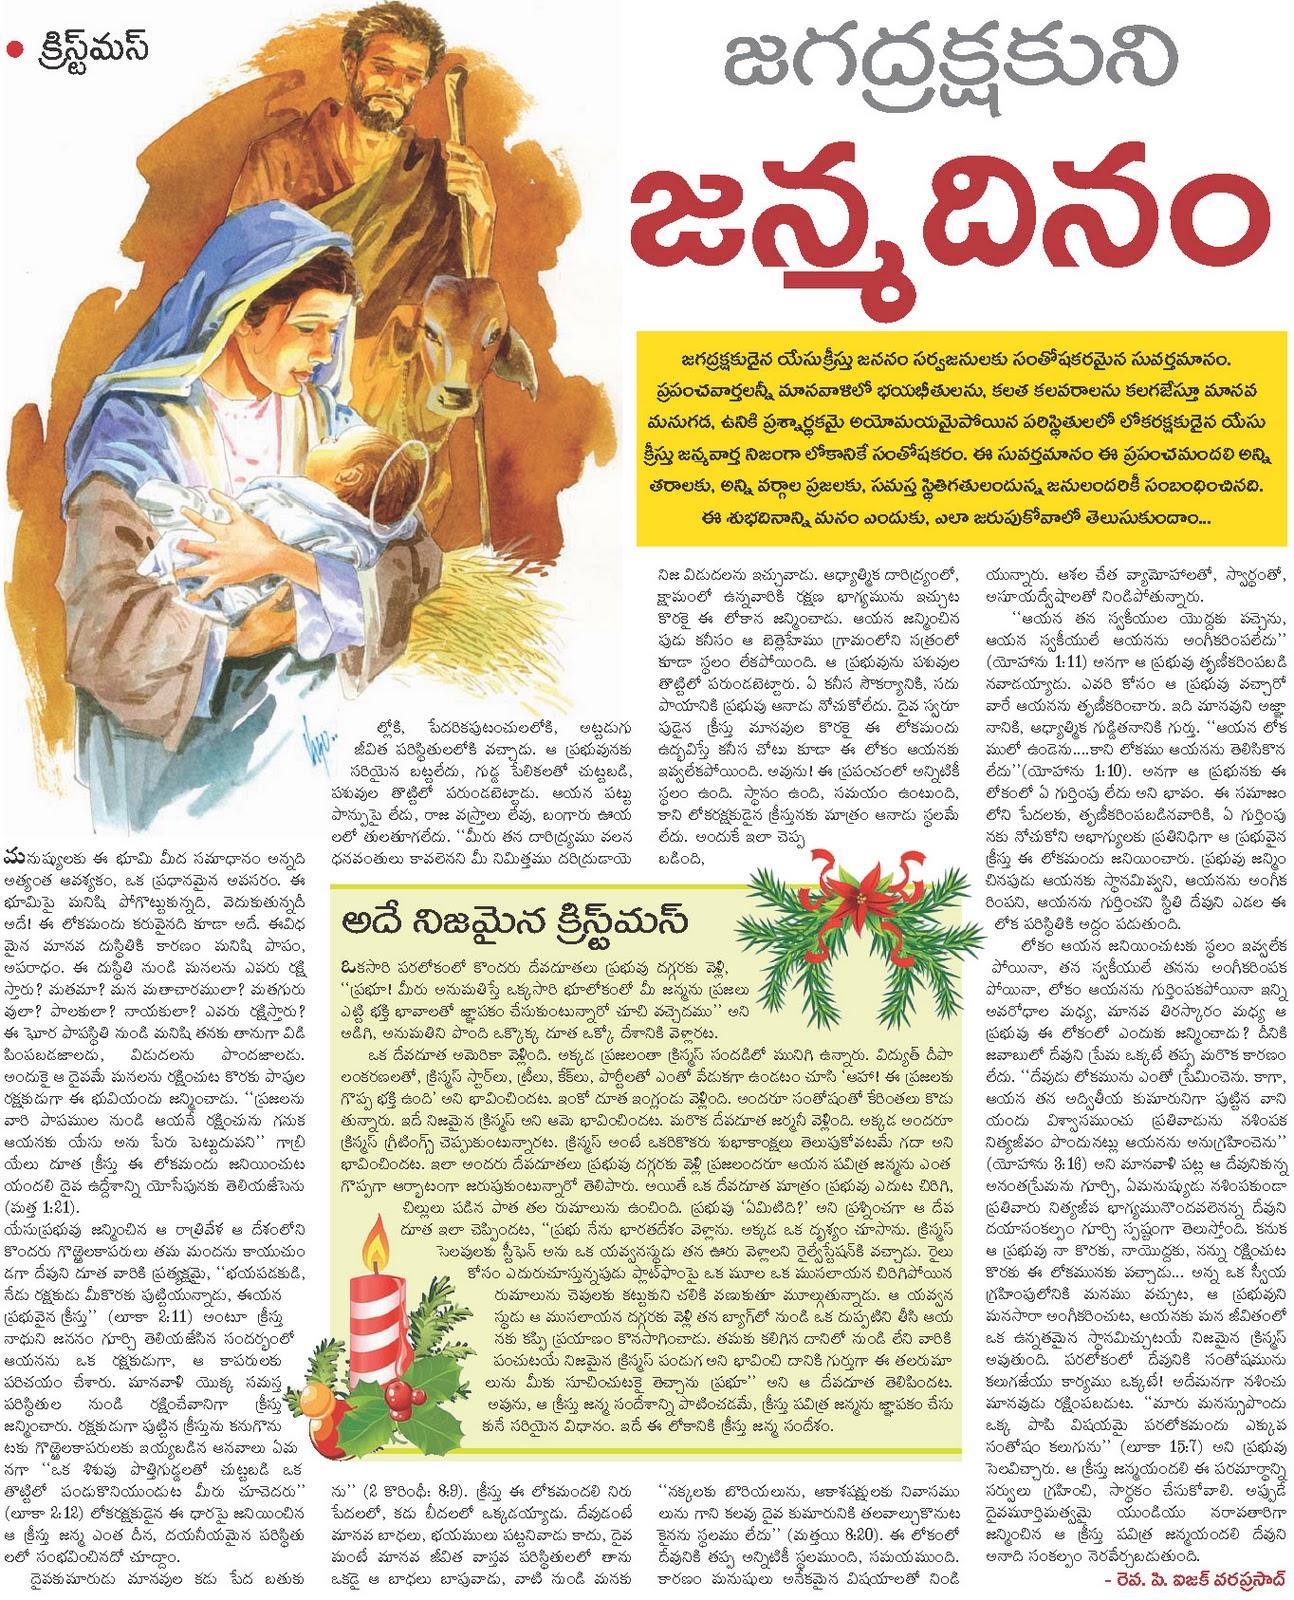 Christmas Greetings To All News 24 365